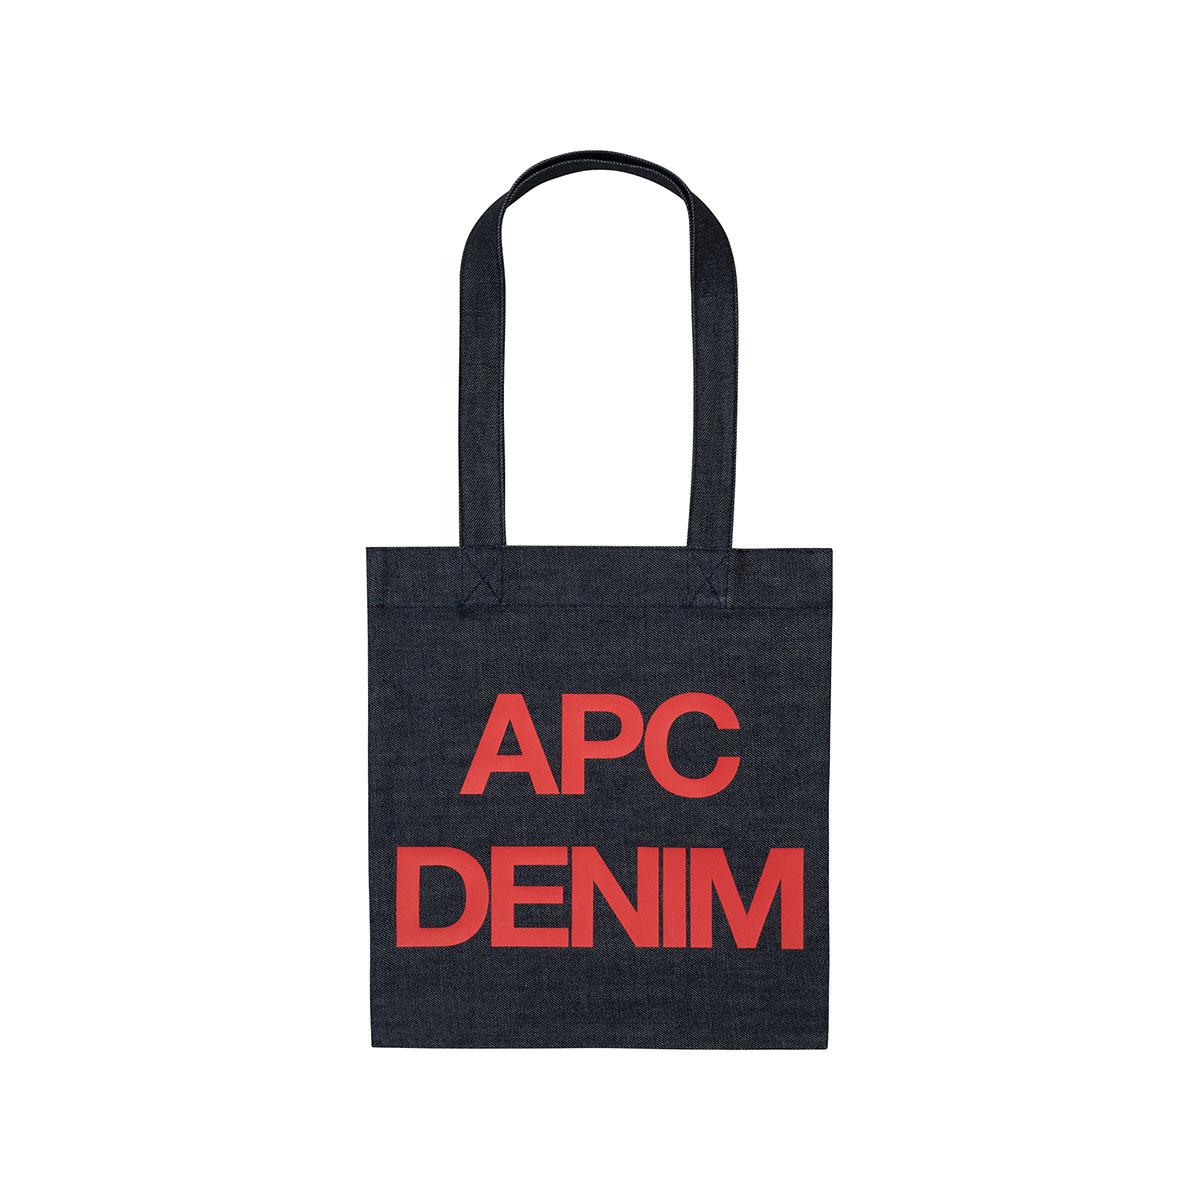 A.P.C. / TOTE BAG APC DENIM -RED